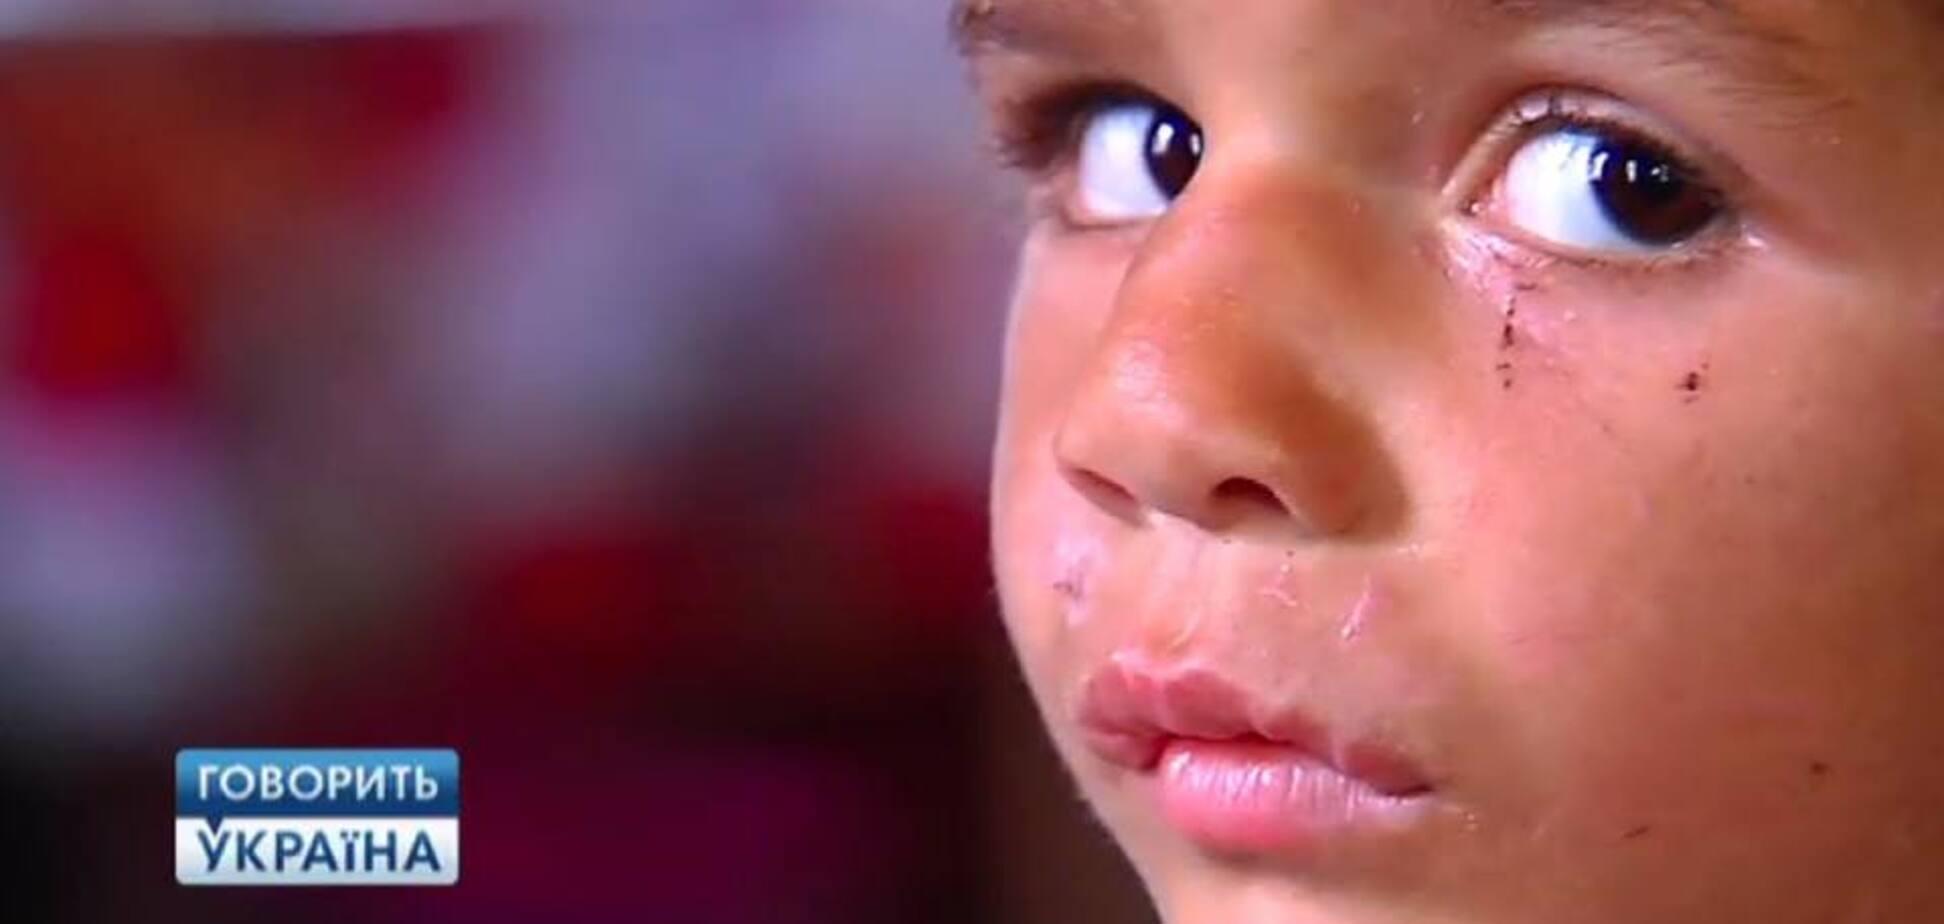 Переживала вся країна: стало відомо про долю хлопчика з Чернігівщини, над яким знущалася мати